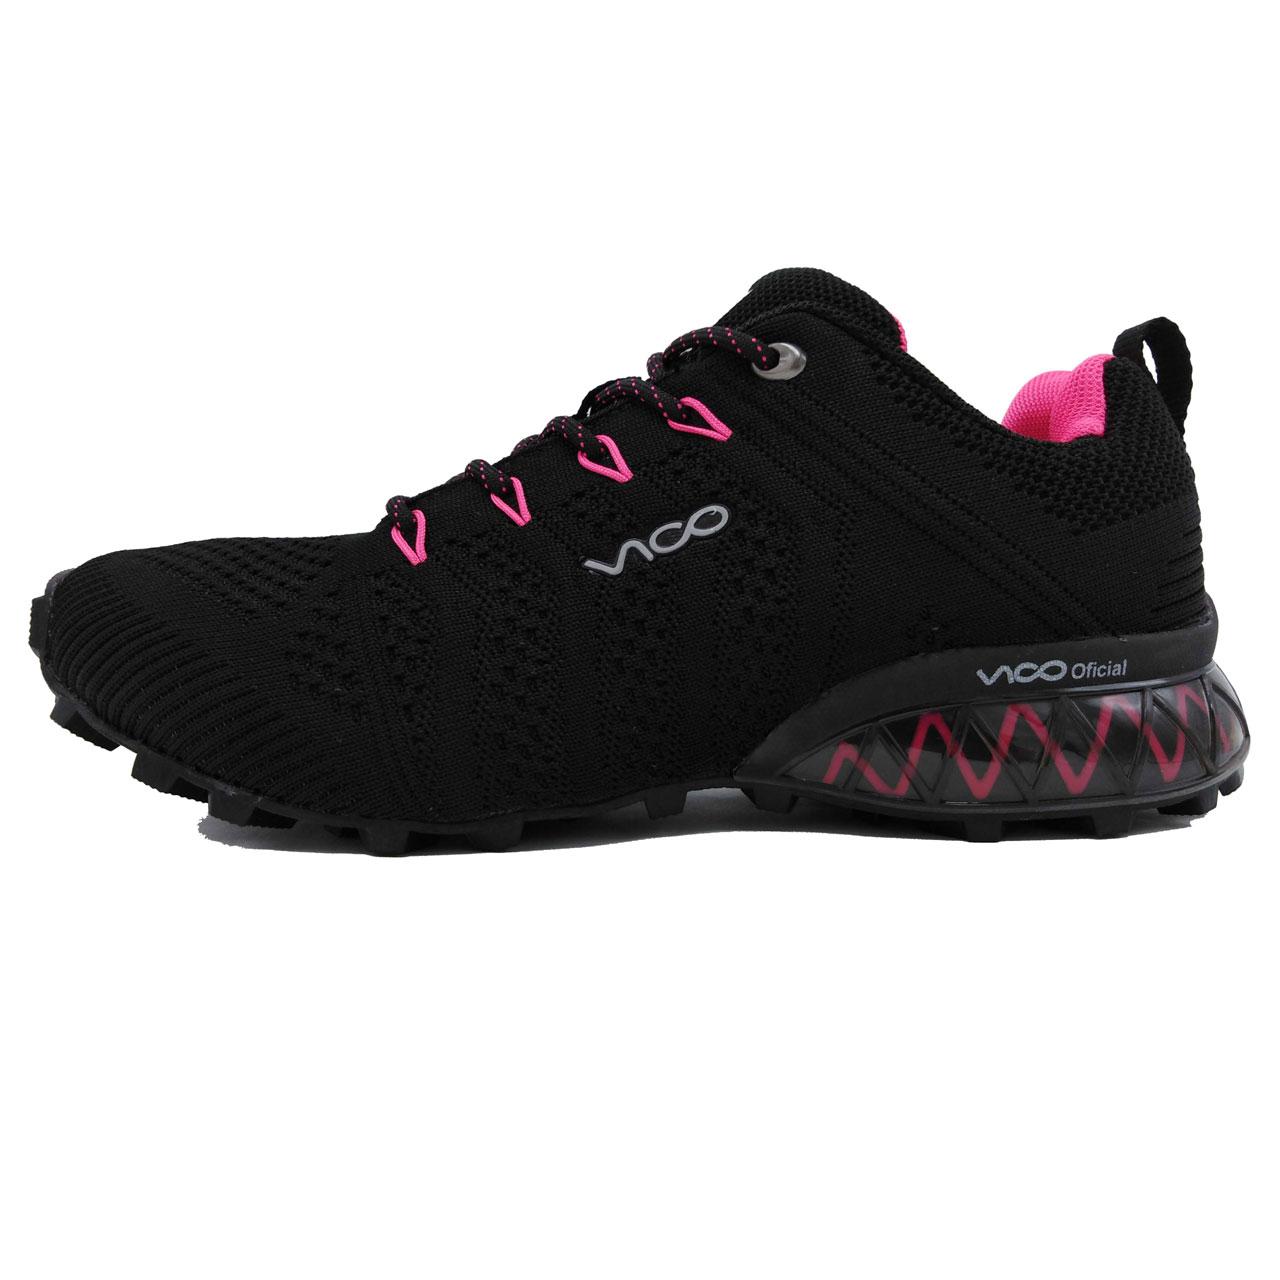 کفش مخصوص دویدن زنانه ویکو مدل R3058